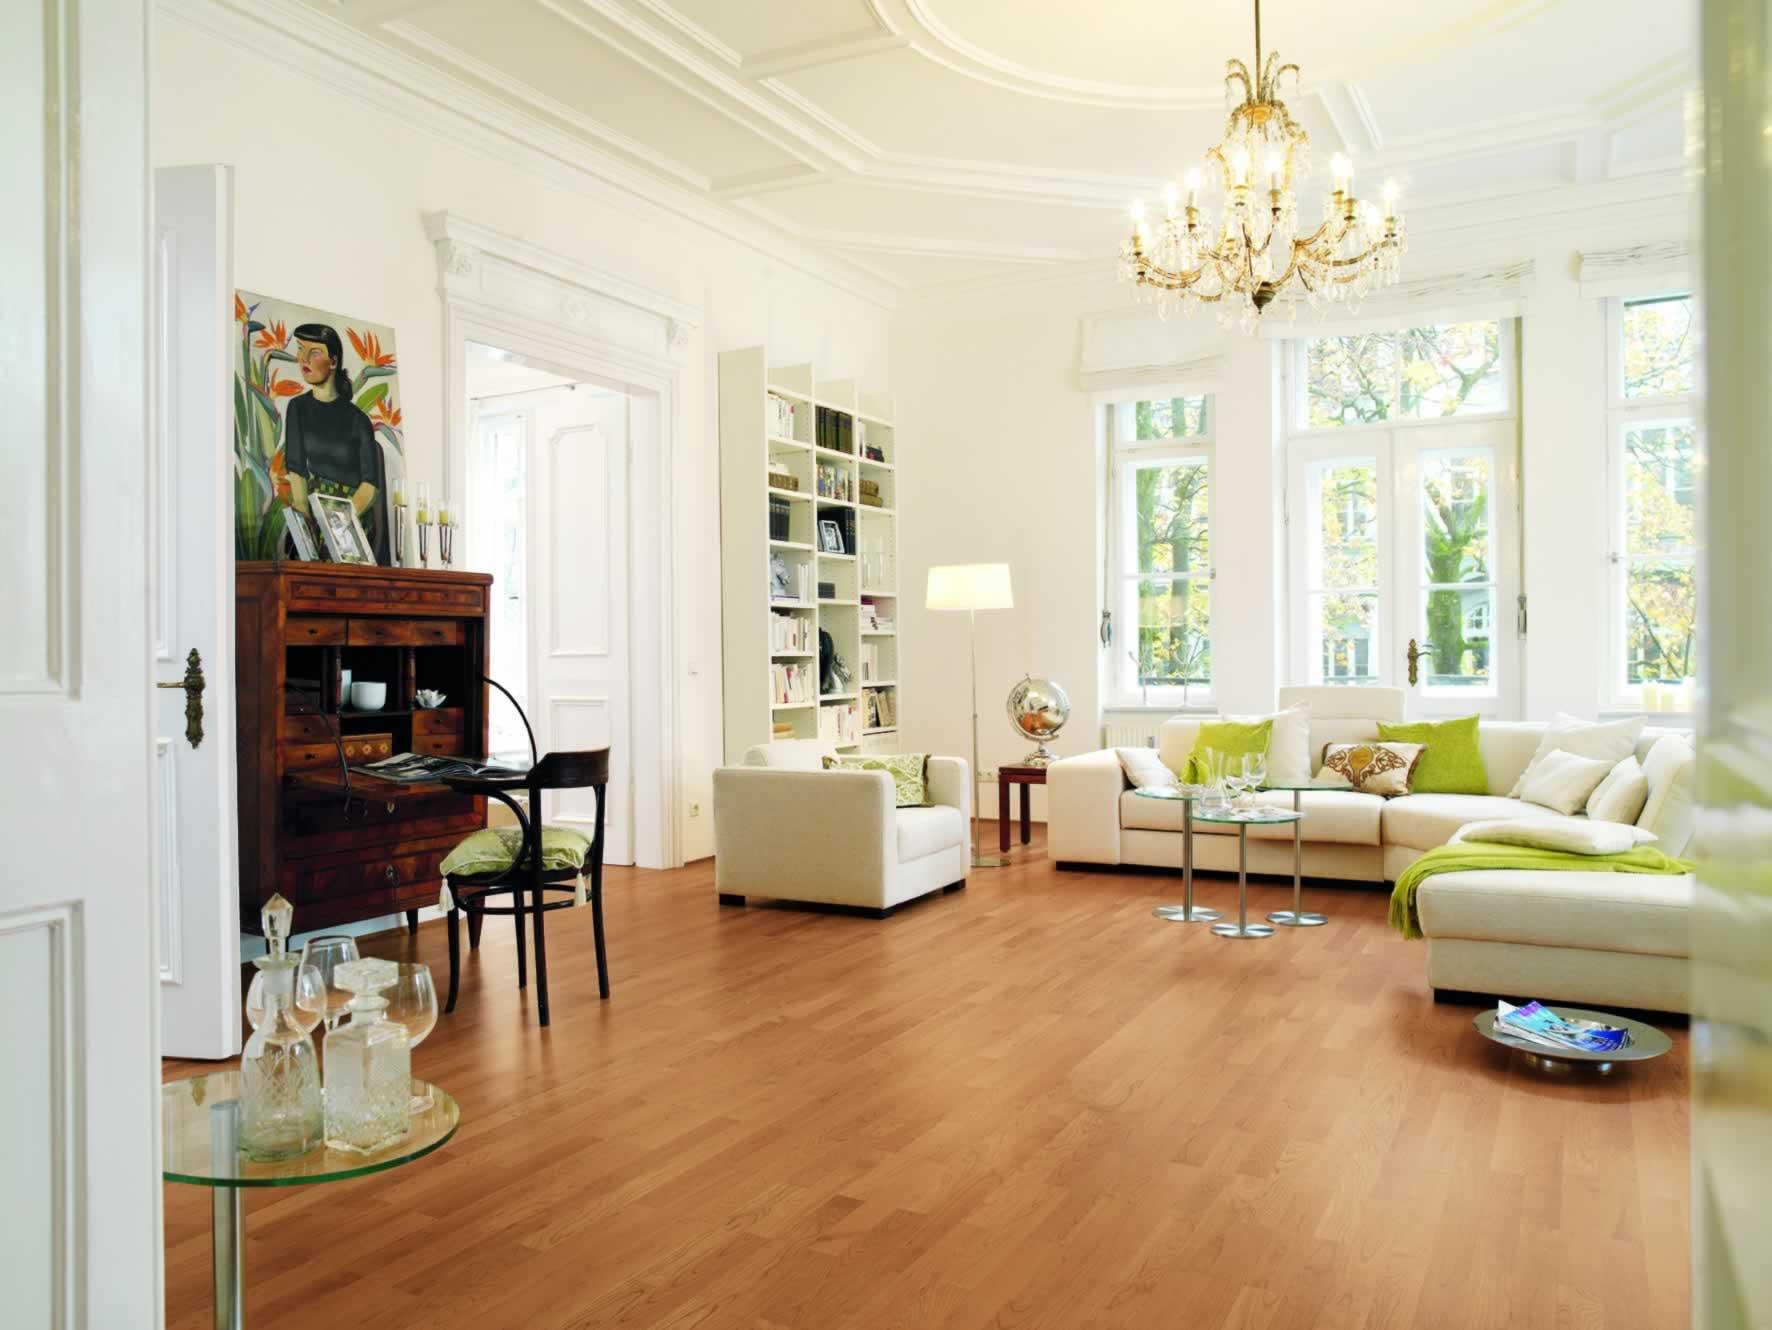 Achat appartement Paris: vérifiez votre financement